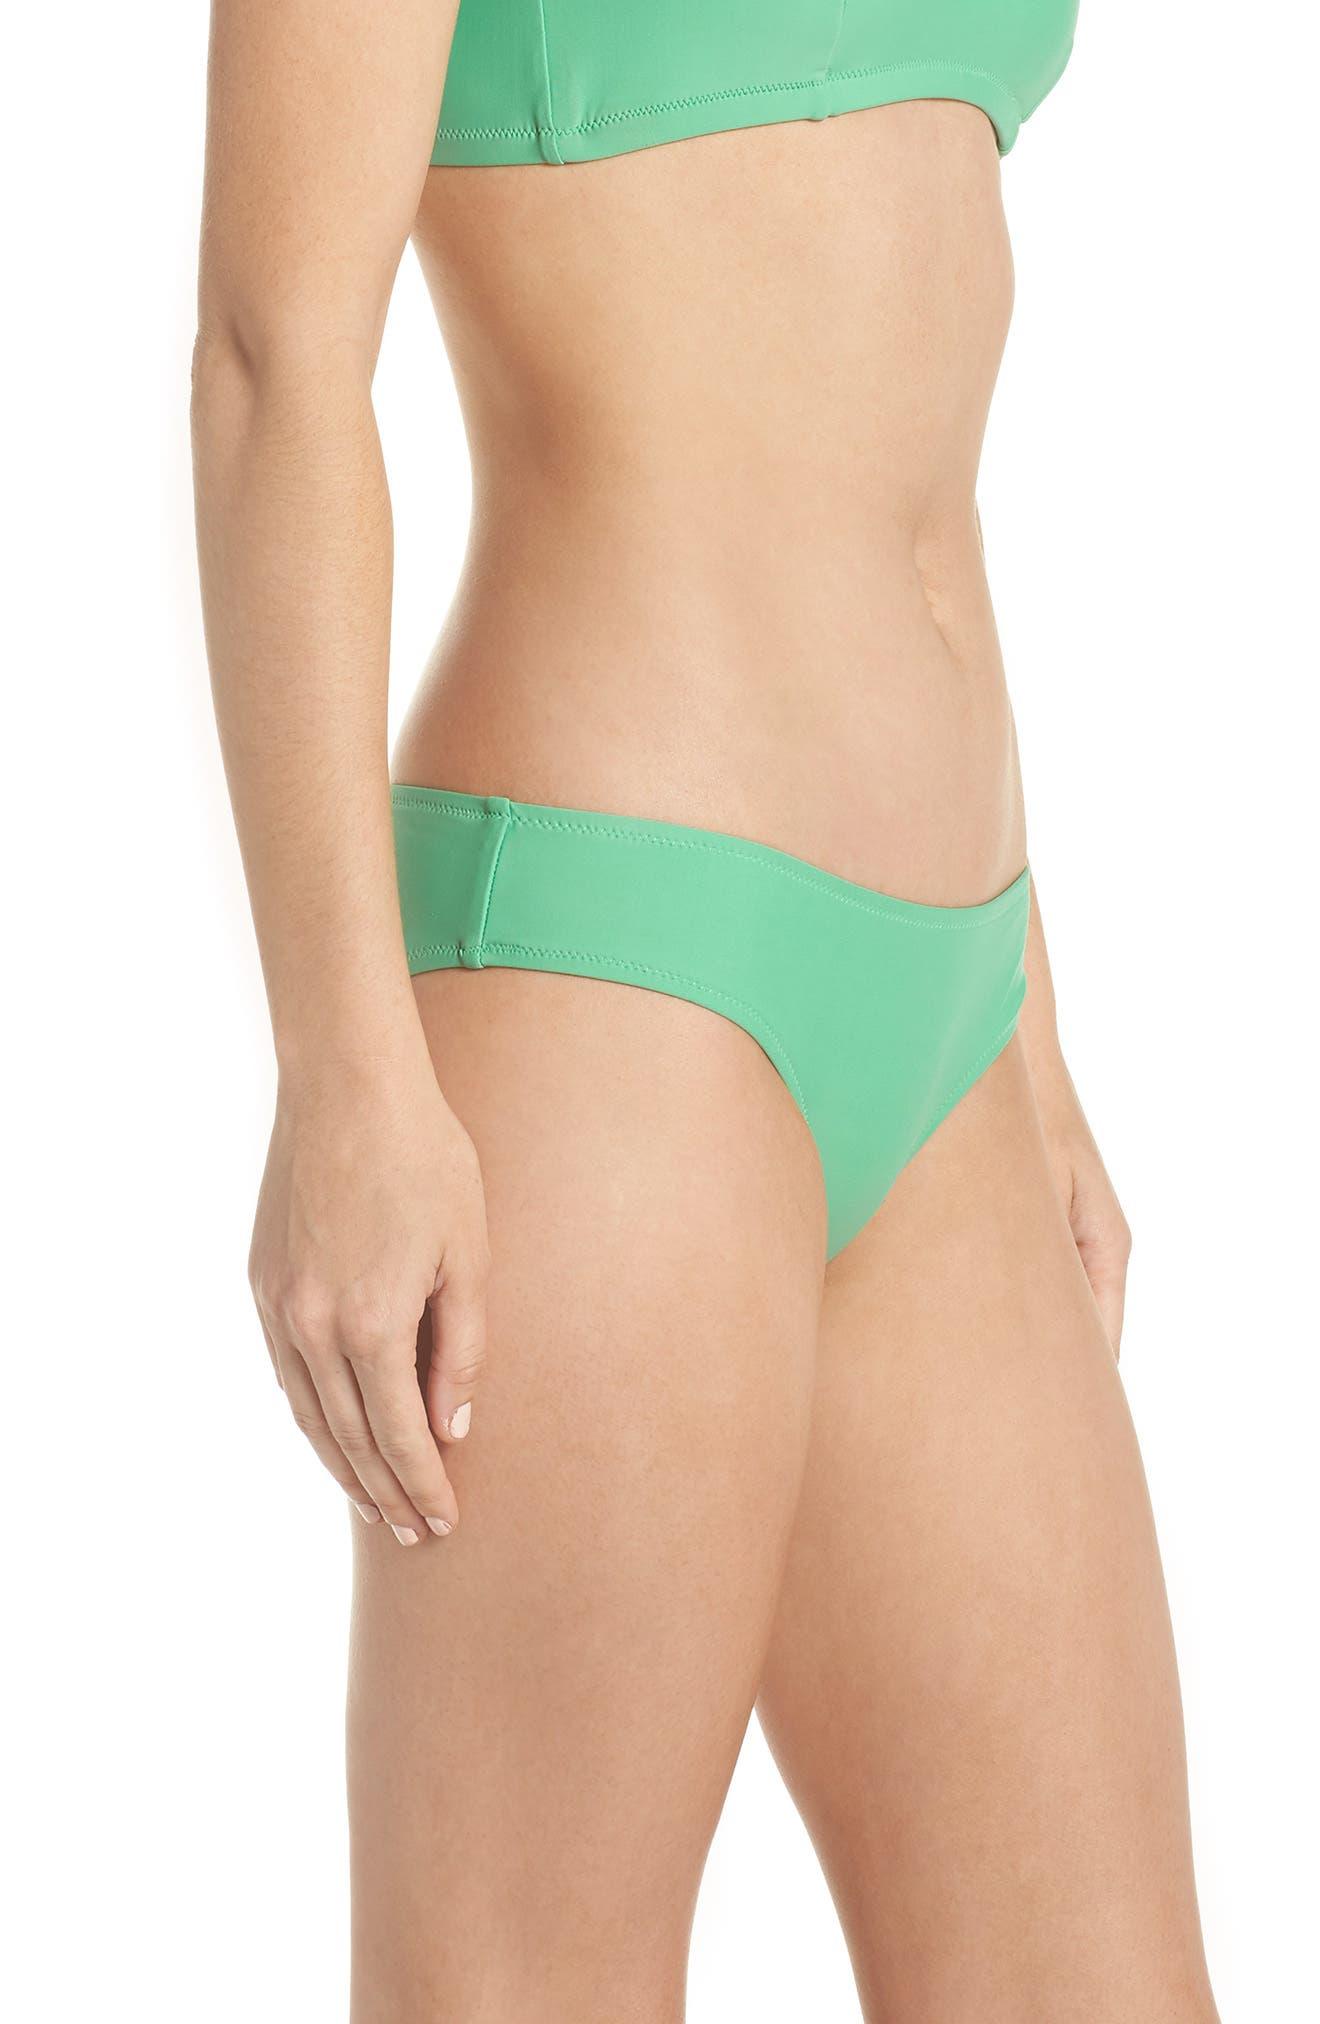 J.Crew Hipster Bikini Bottoms,                             Alternate thumbnail 3, color,                             Bright Spearmint